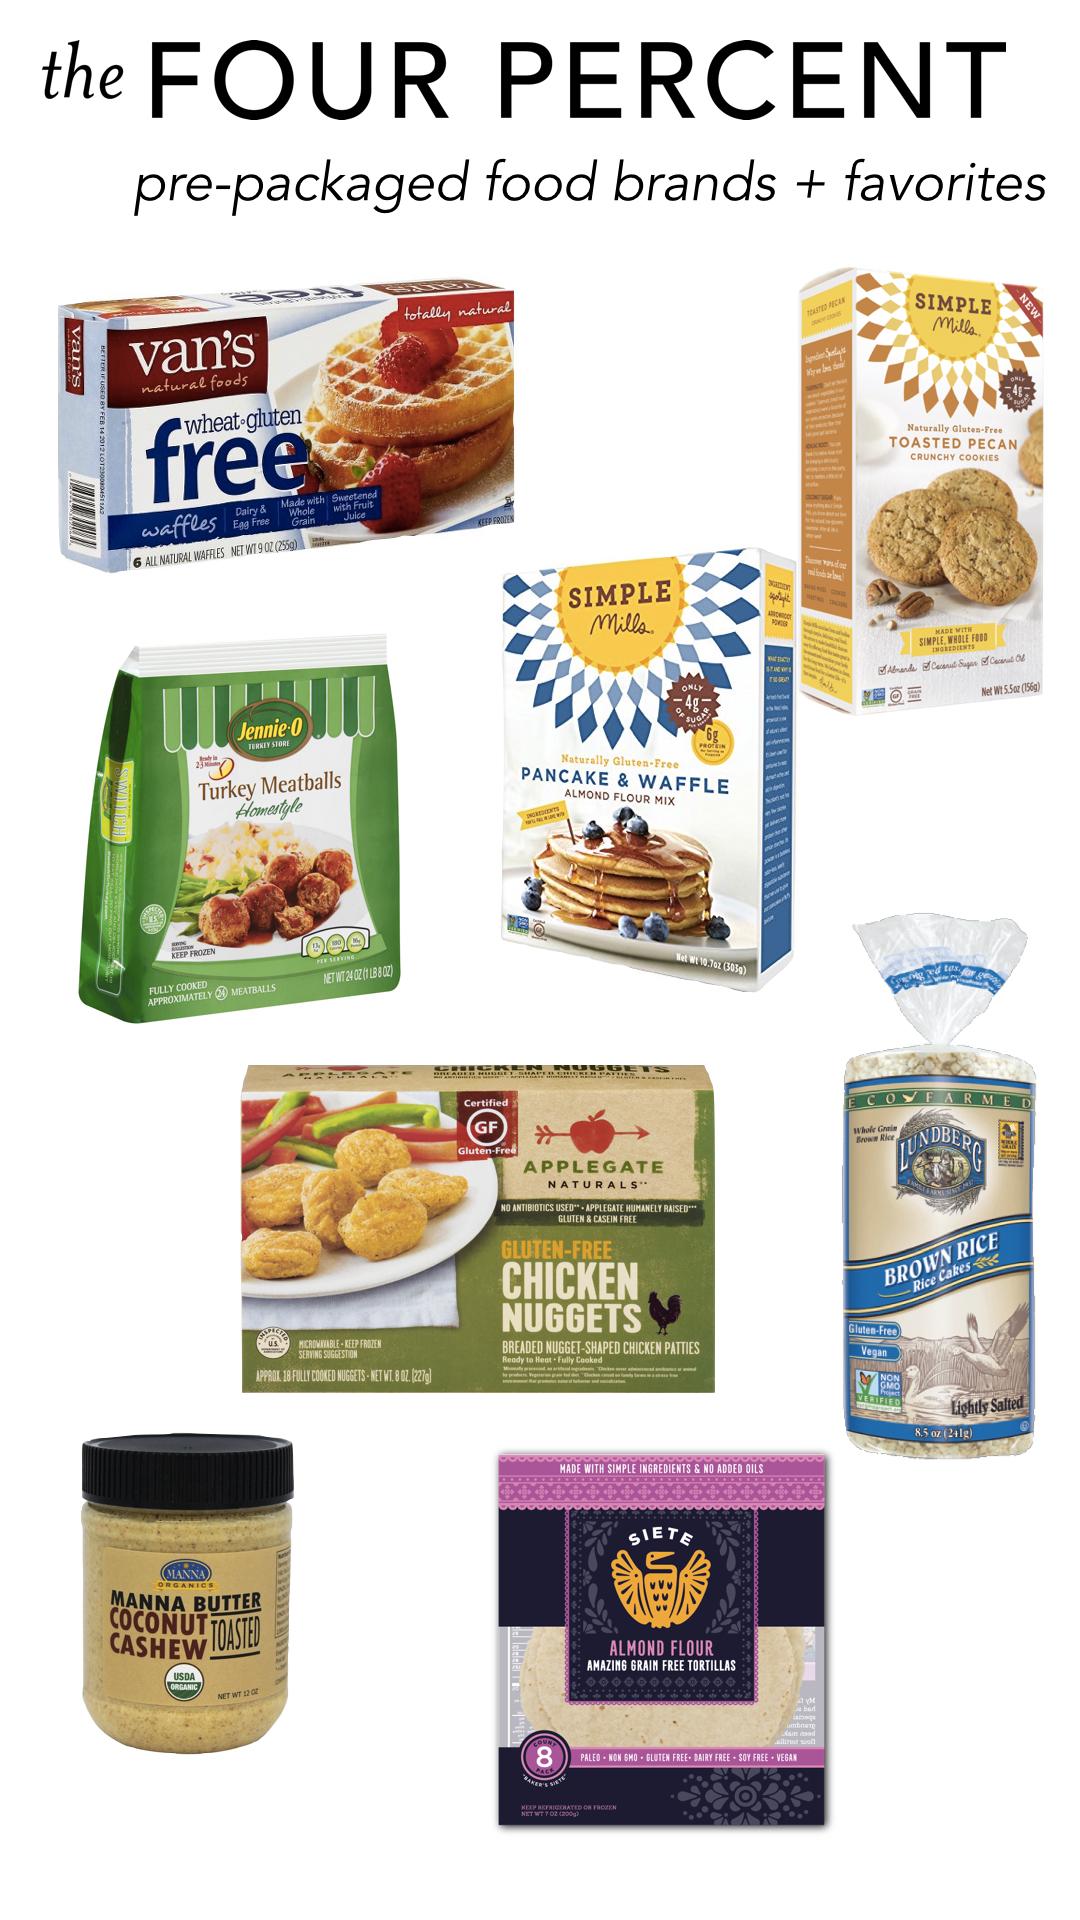 healthy pre-packaged food